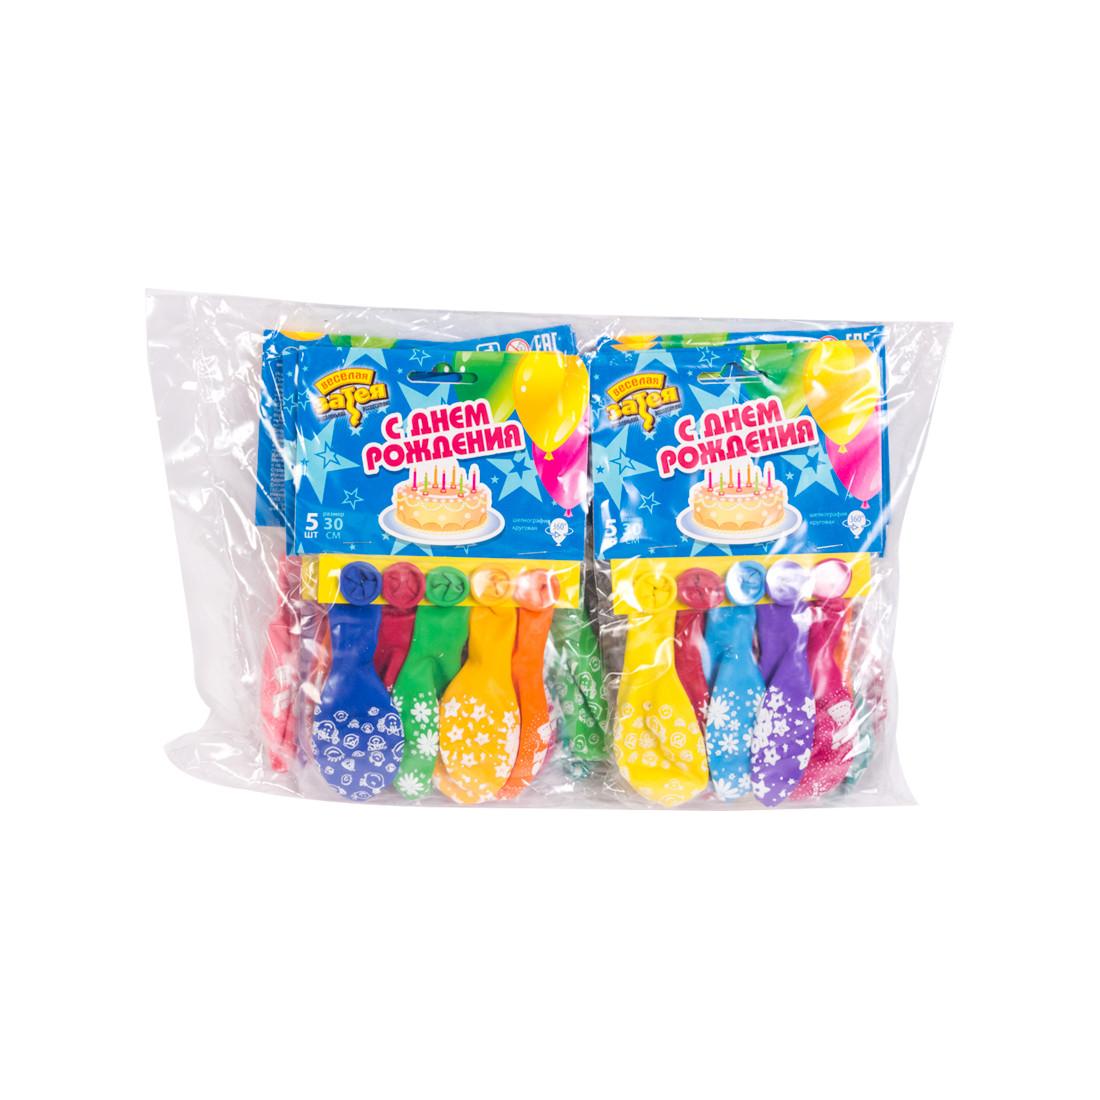 Воздушные шарики 1111-0111 (1111-0834) (5 шт. в пакете) - фото 3